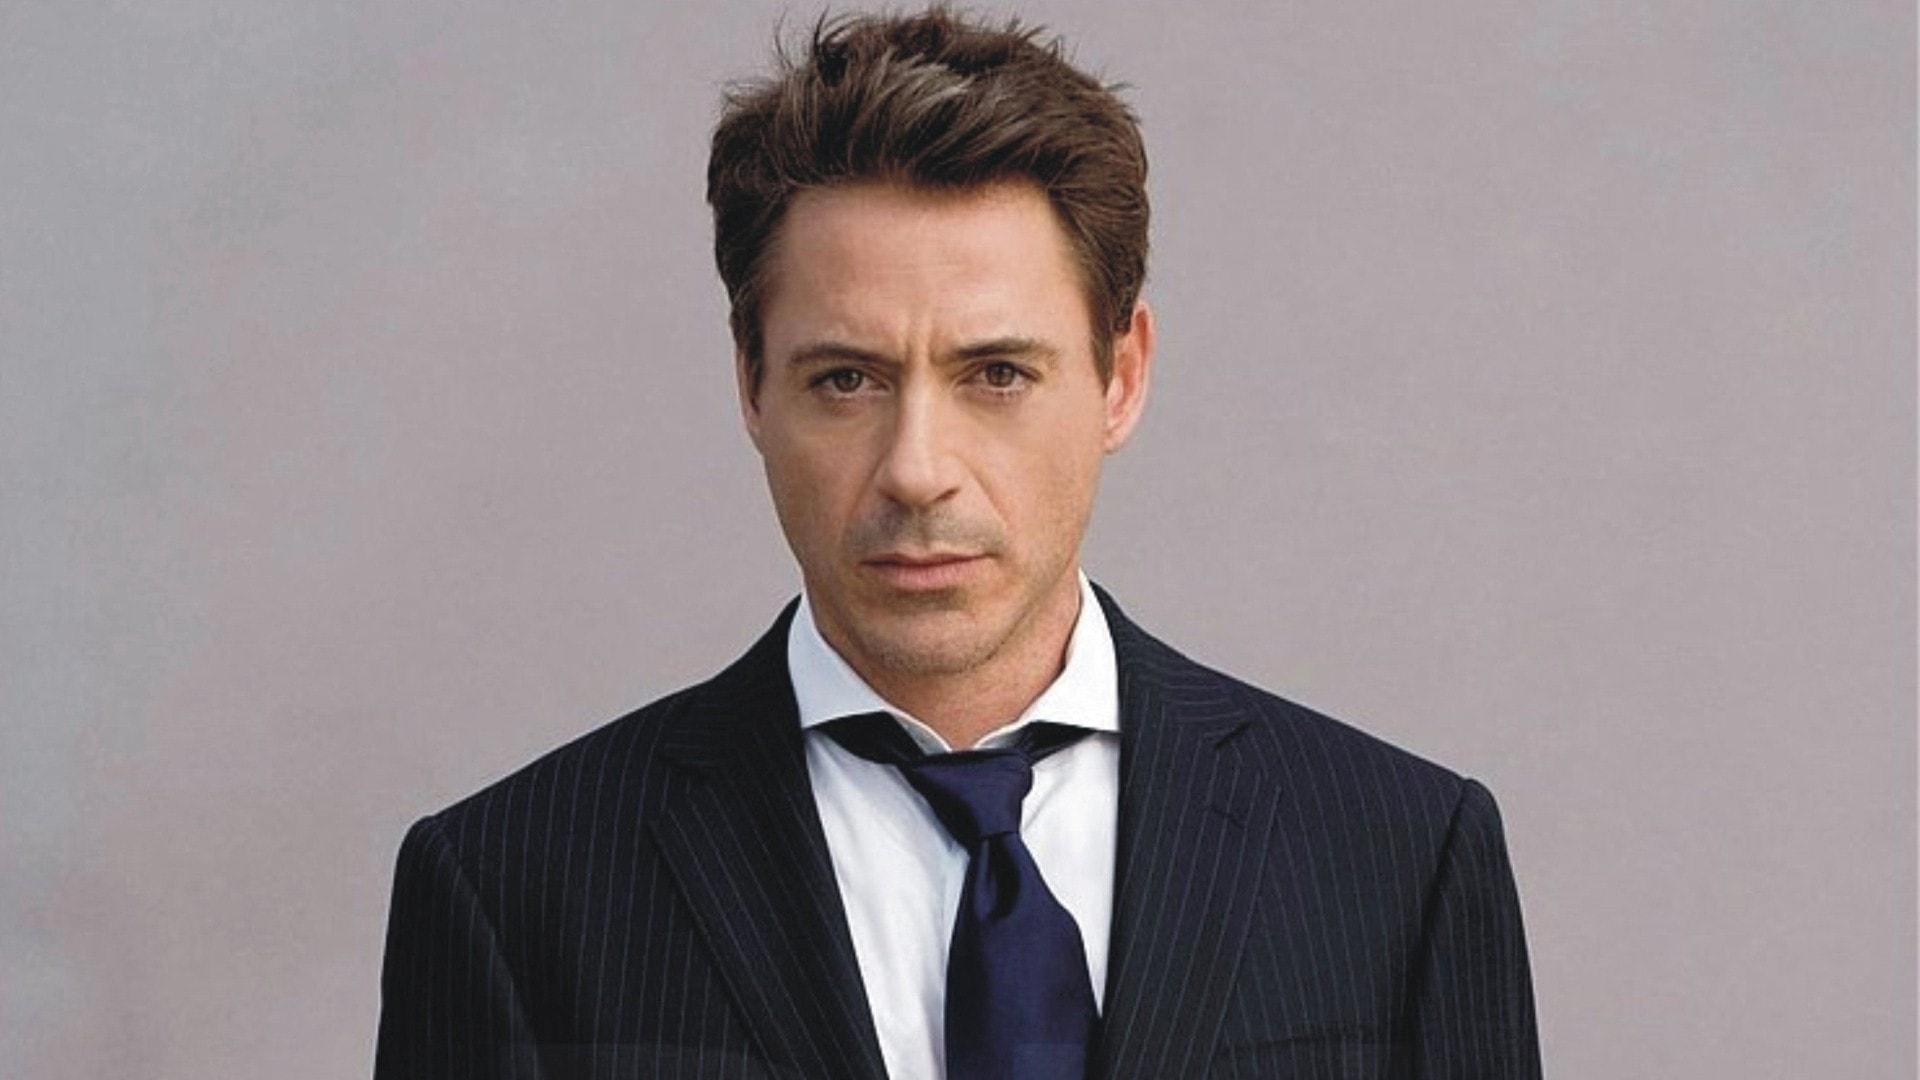 Robert Downey, Jr. widescreen wallpapers